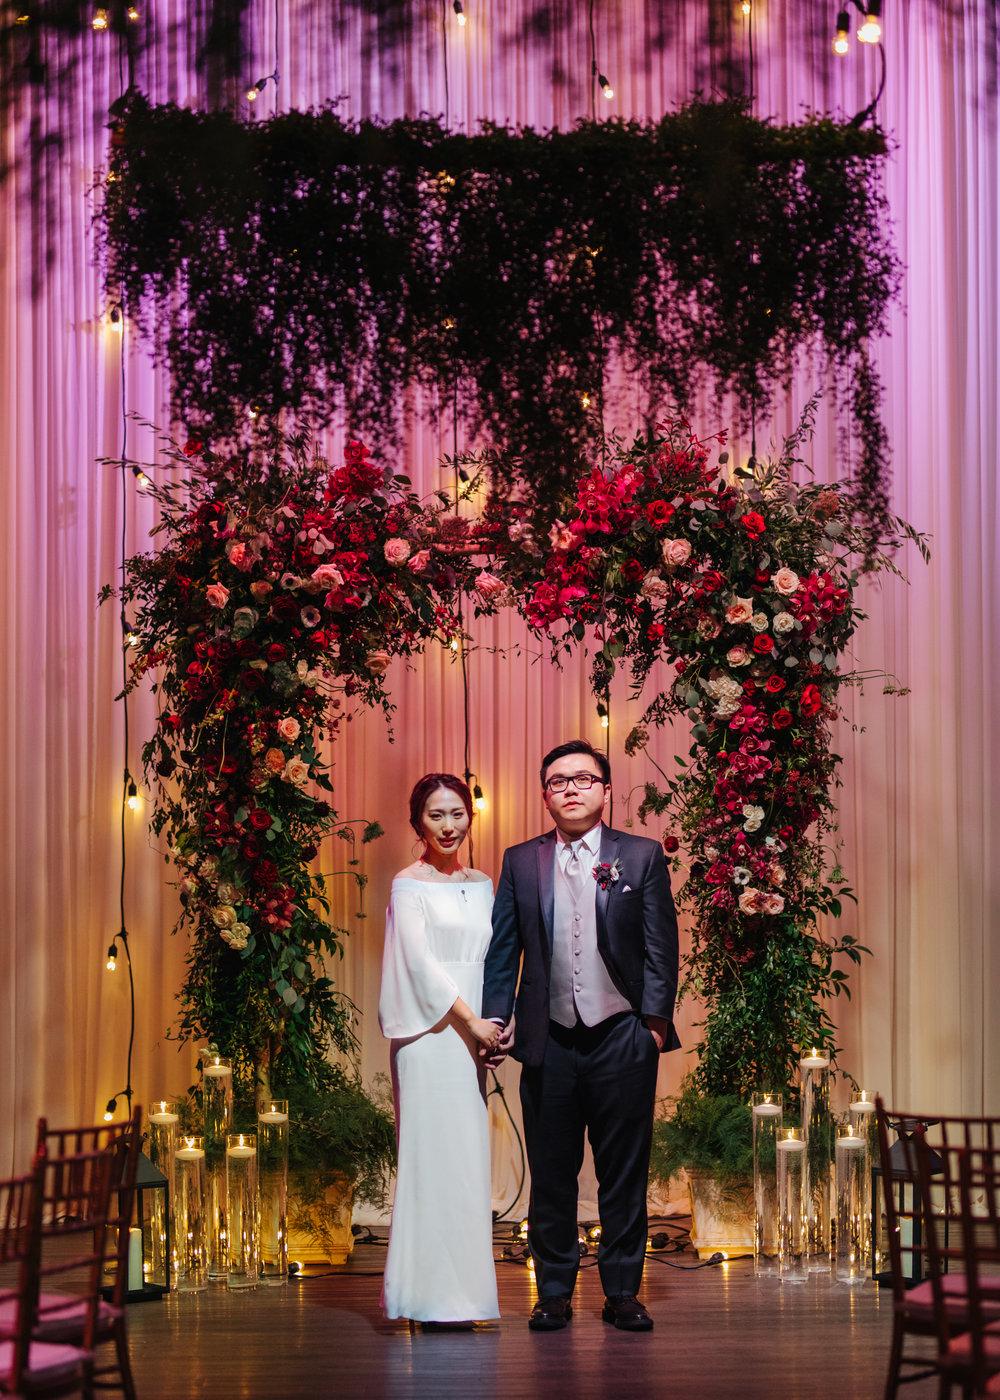 herastudios_wedding_chelsea_paul_hera_selects-44.jpg